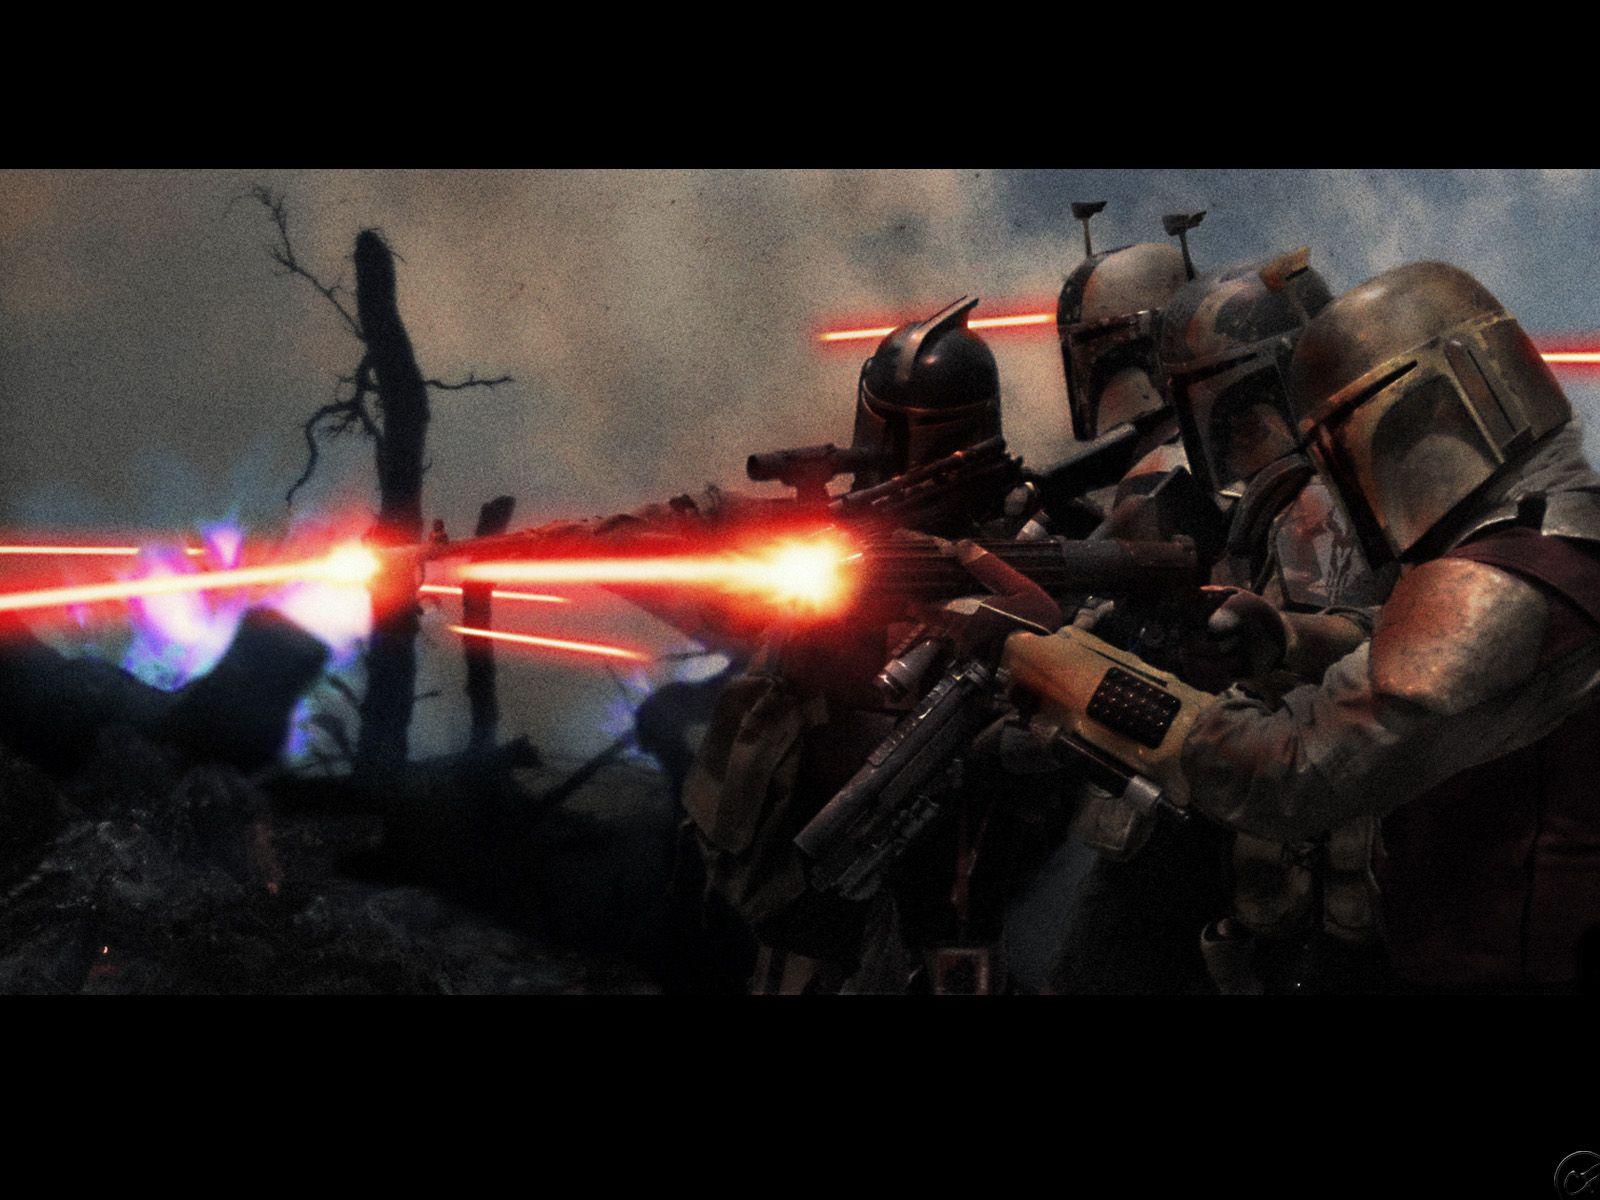 Star Wars Boba Fett Jango Fett 1600x1200 Wallpaper 2048x768 Of Star Wars Wallpaper Ultimate Star Wars Star Wars Boba Fett